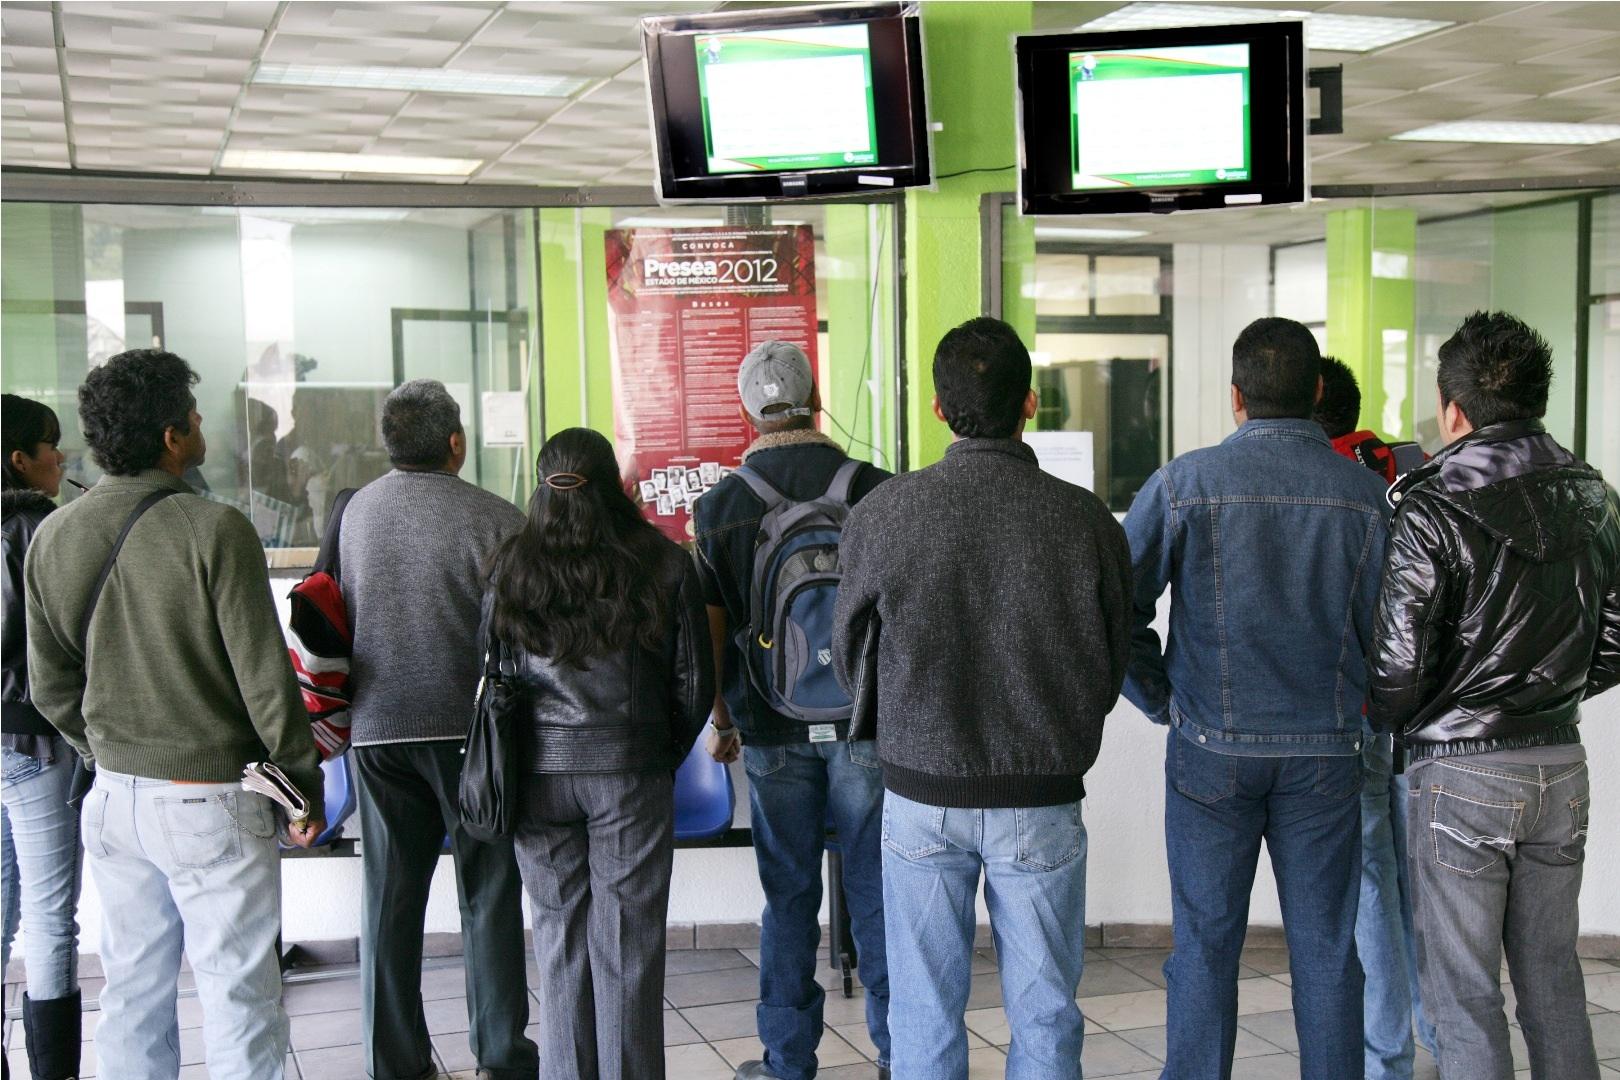 La situaci n en el pa s es importante 07 11 13 for Bolsa de trabajo oficinas de gobierno